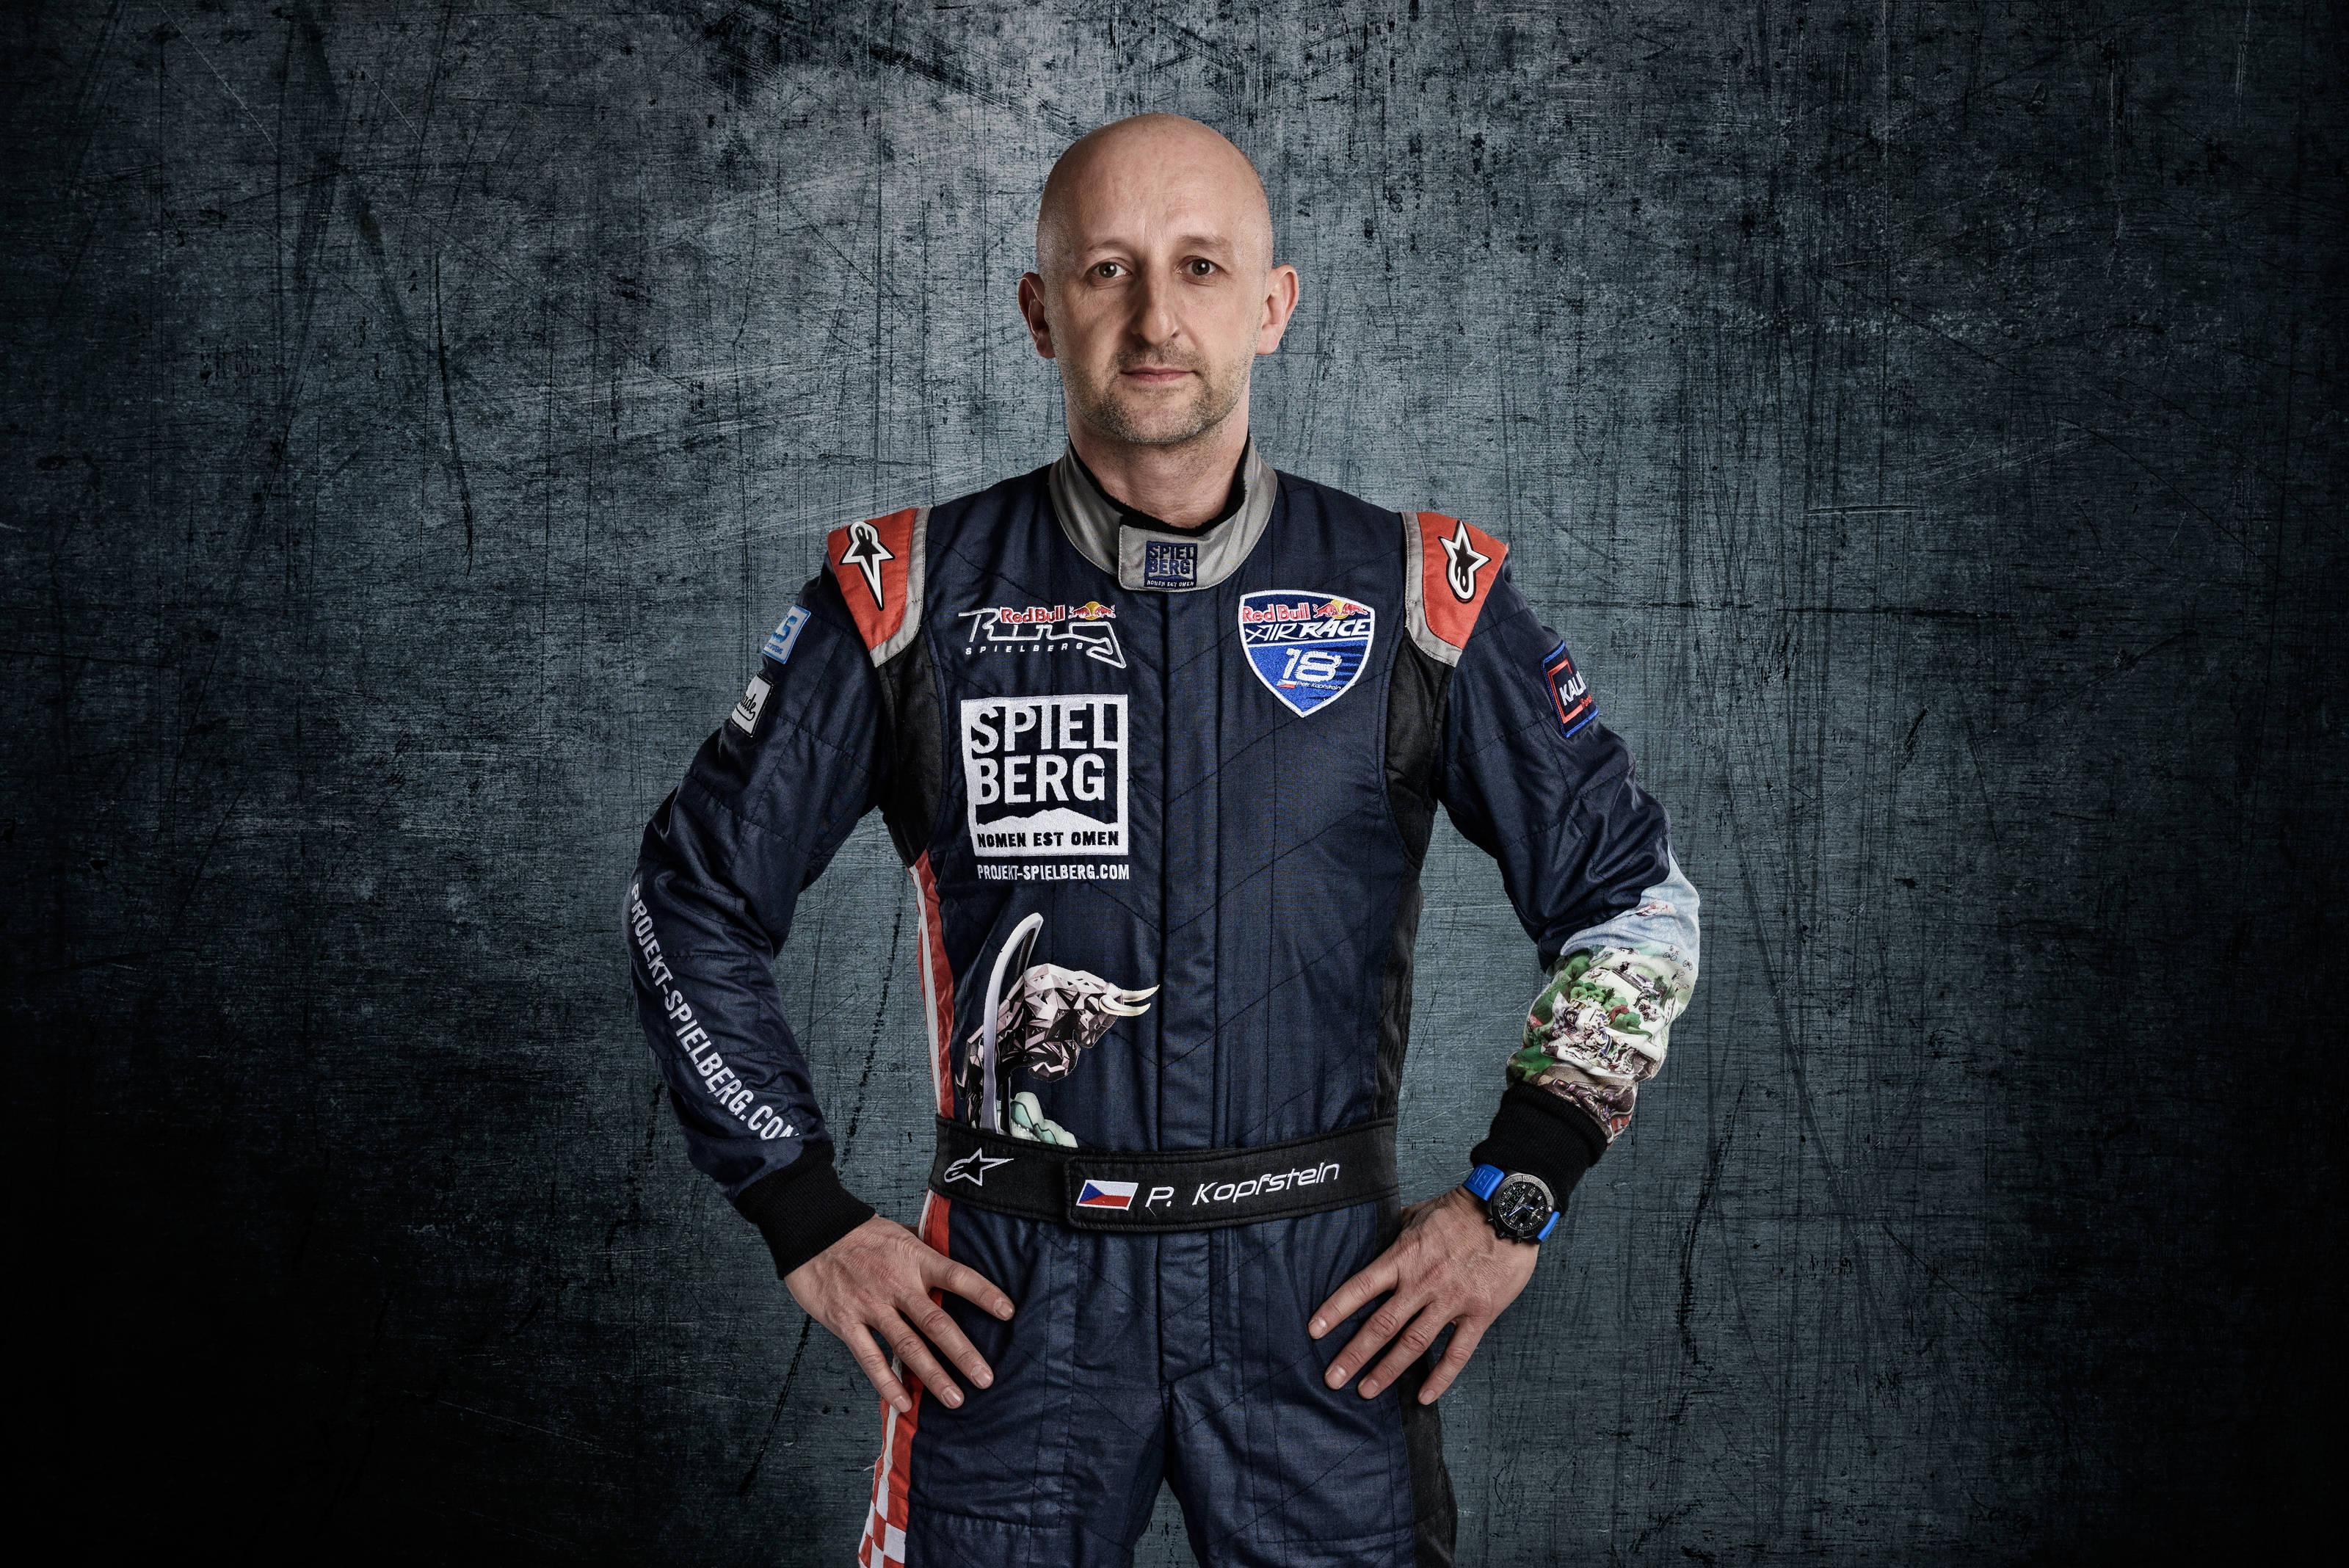 Petr Kopfstein